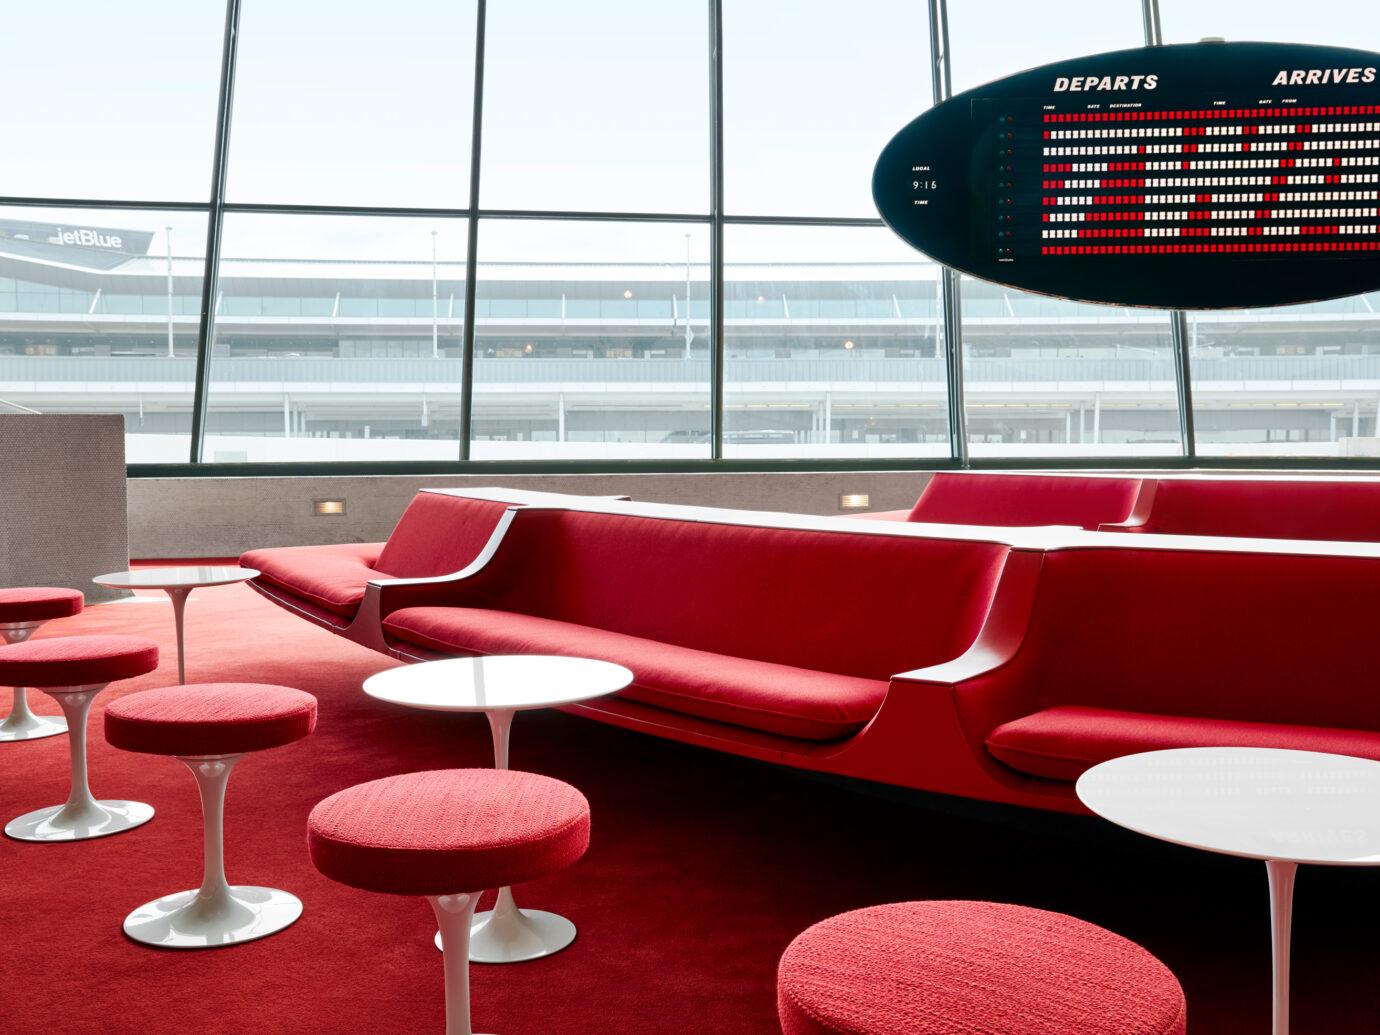 TWA Hotel seating